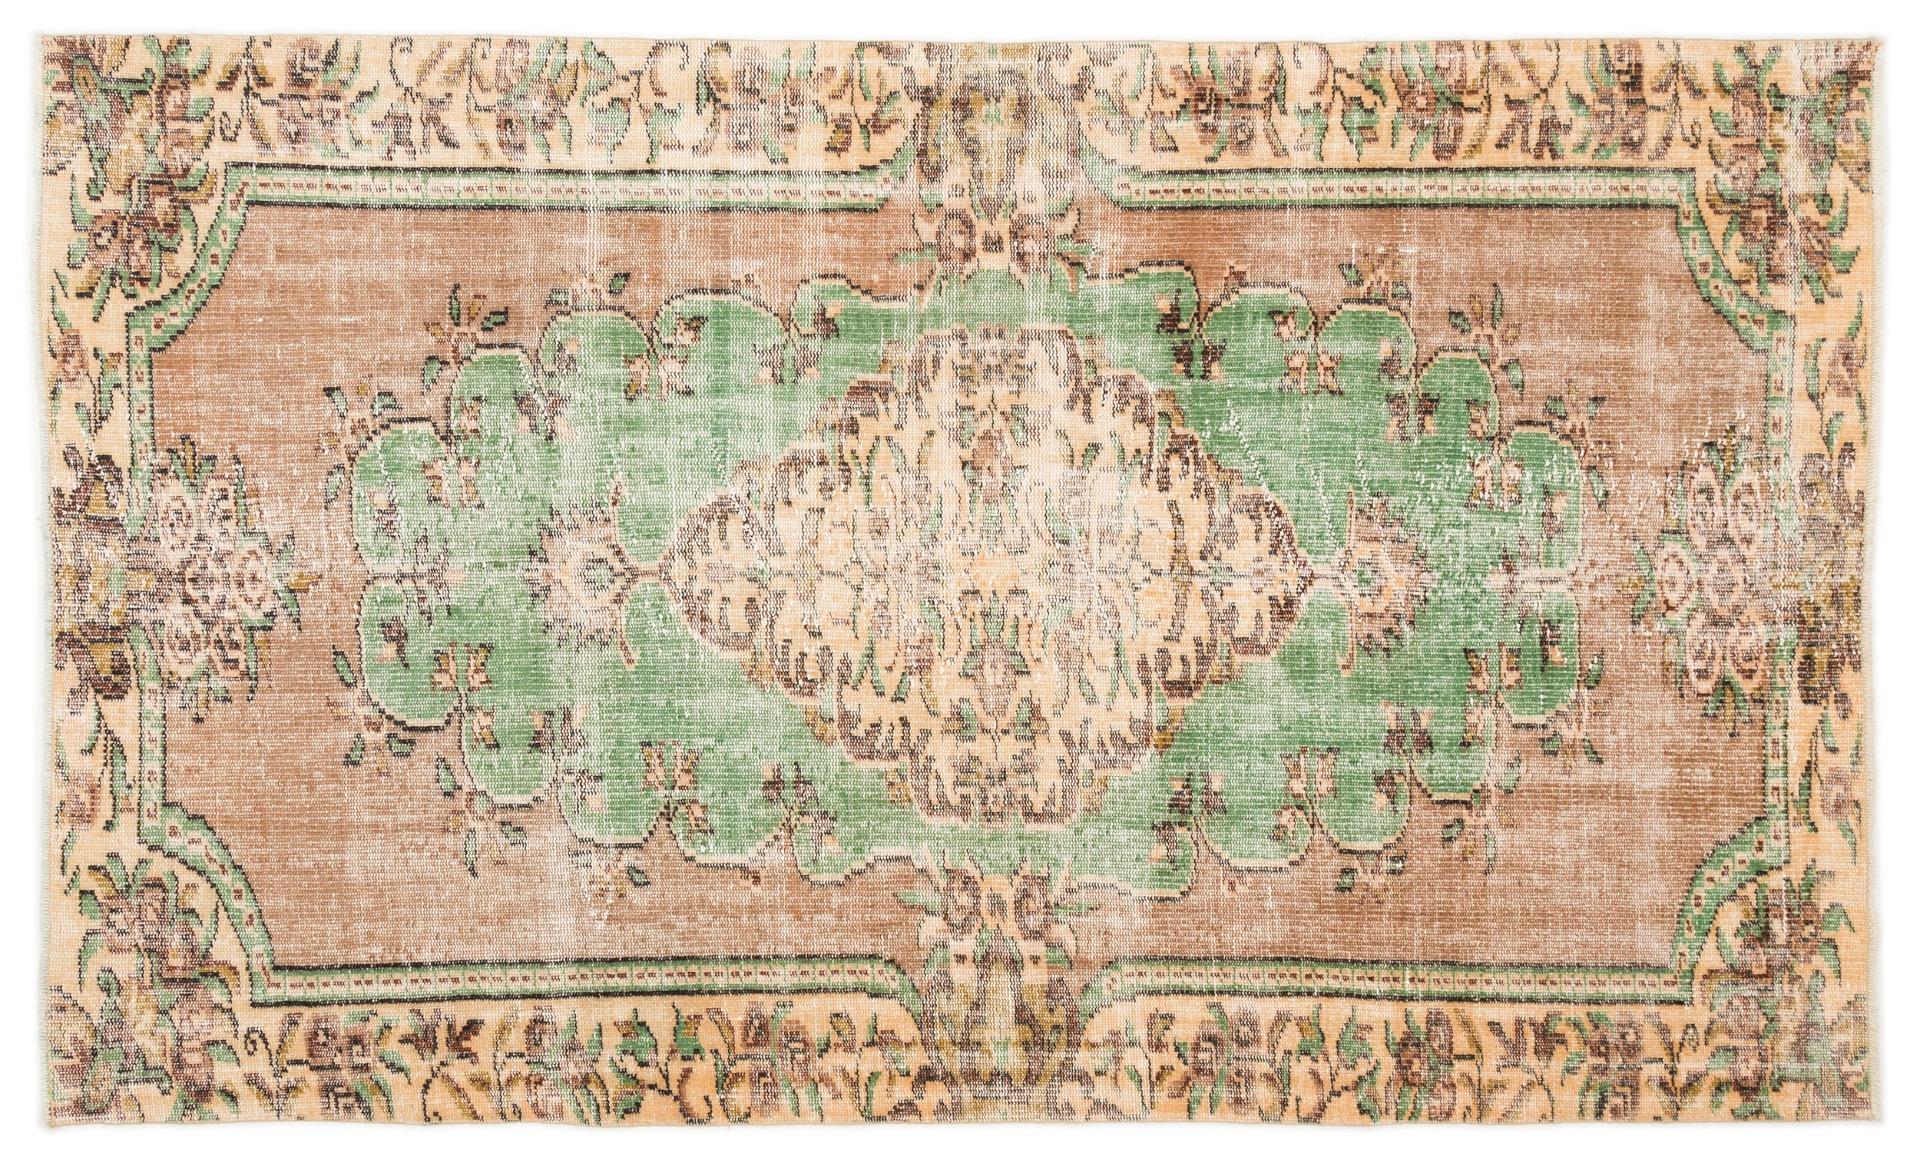 Vintage vloerkleed met groen 7768 274cm x 182cm